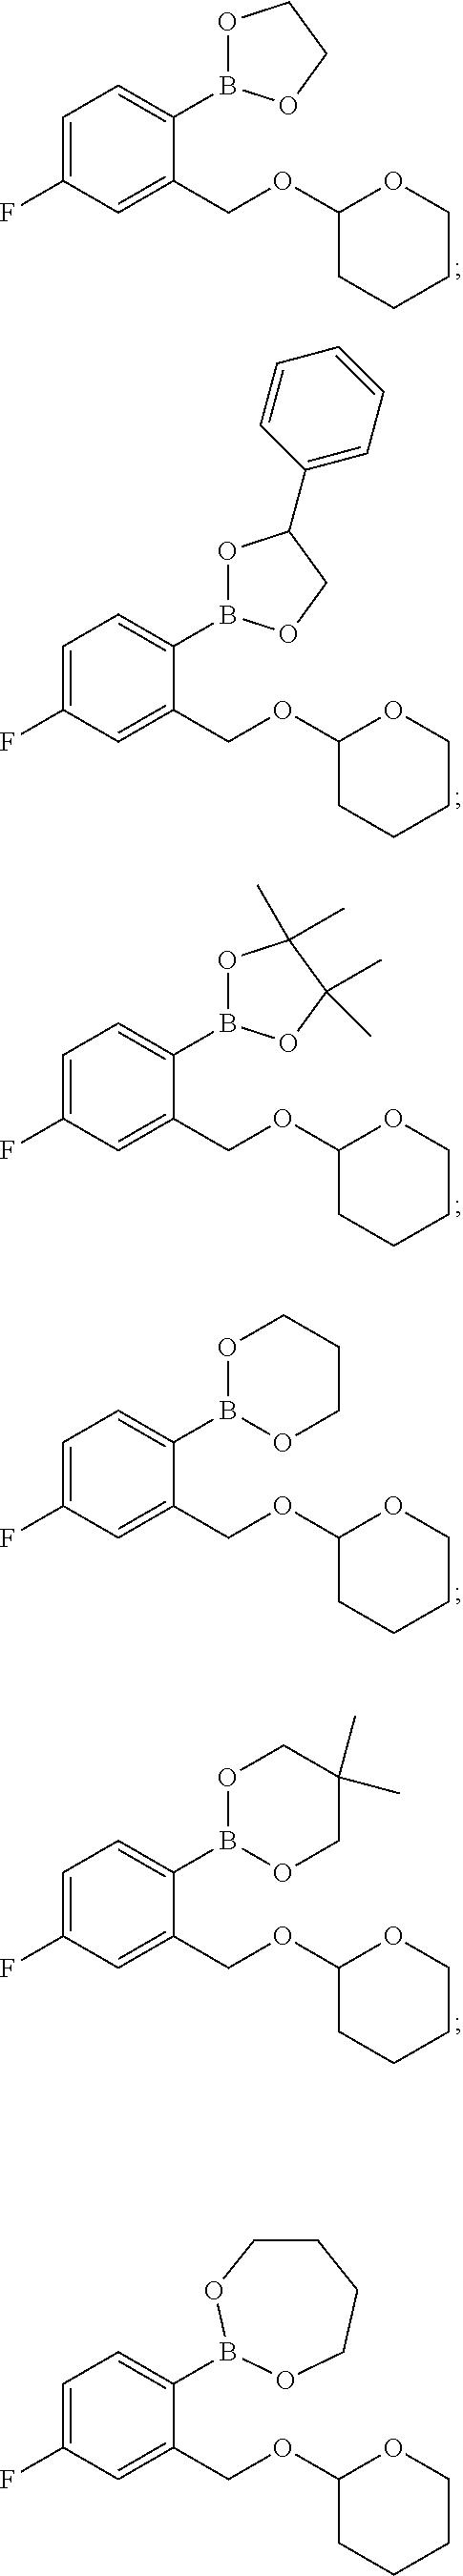 Figure US09566289-20170214-C00093